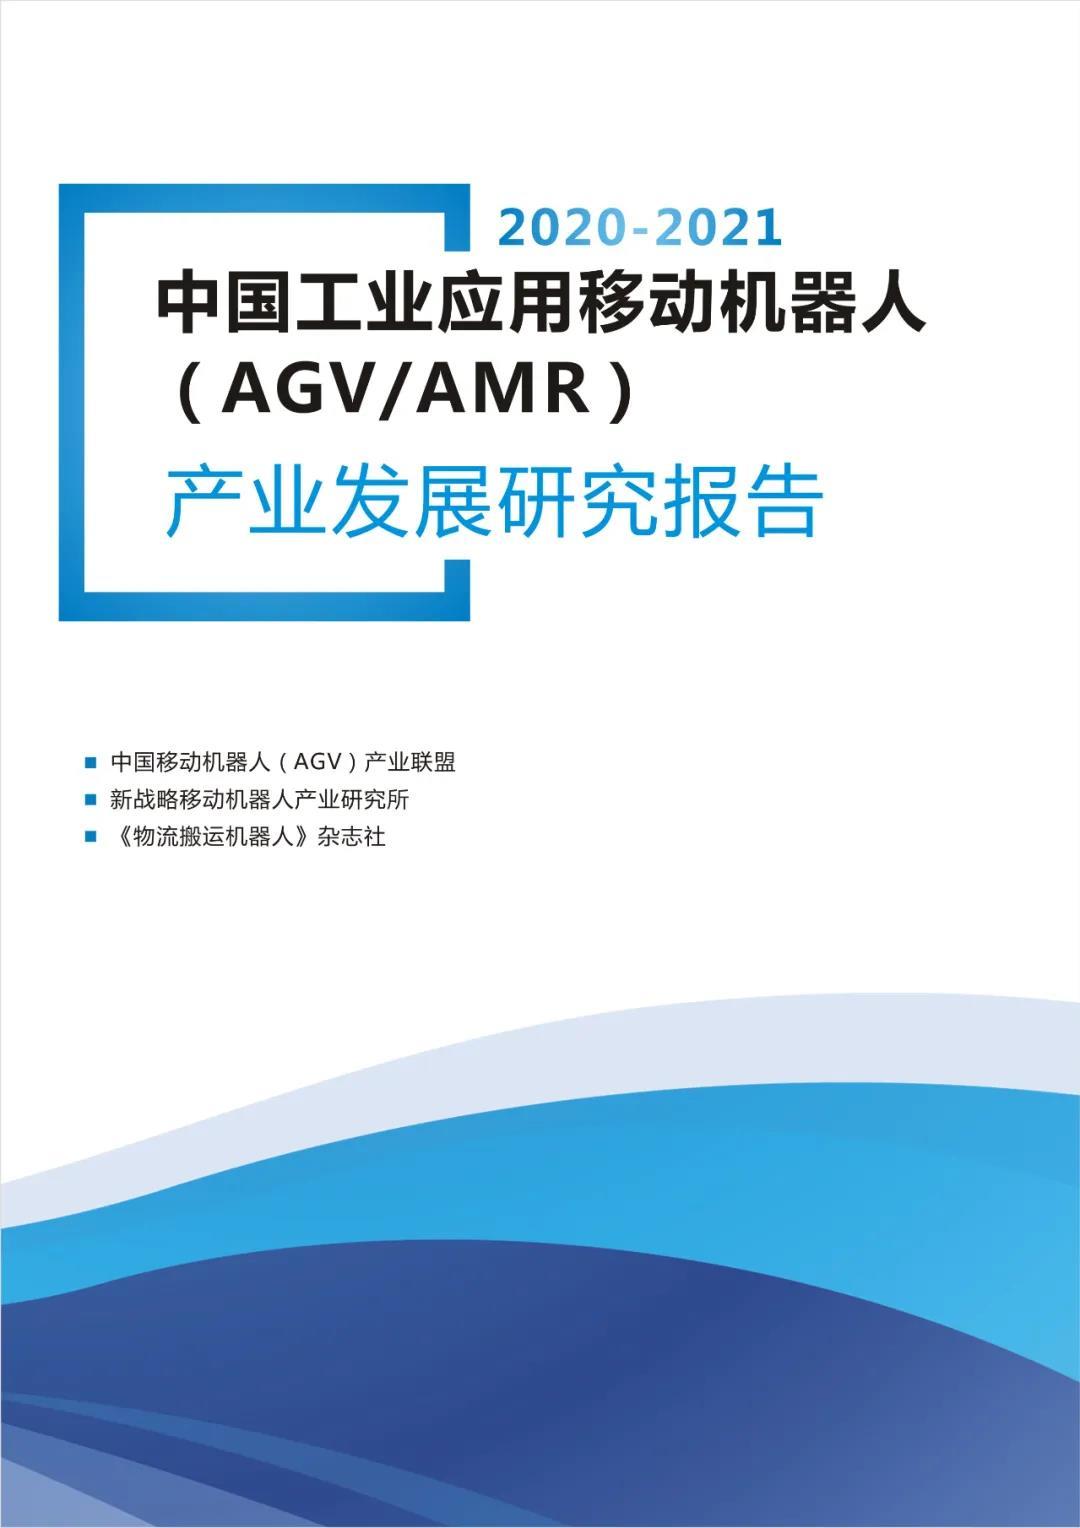 《2020-2021AGV/AMR产业发展研究报告》正式发布!